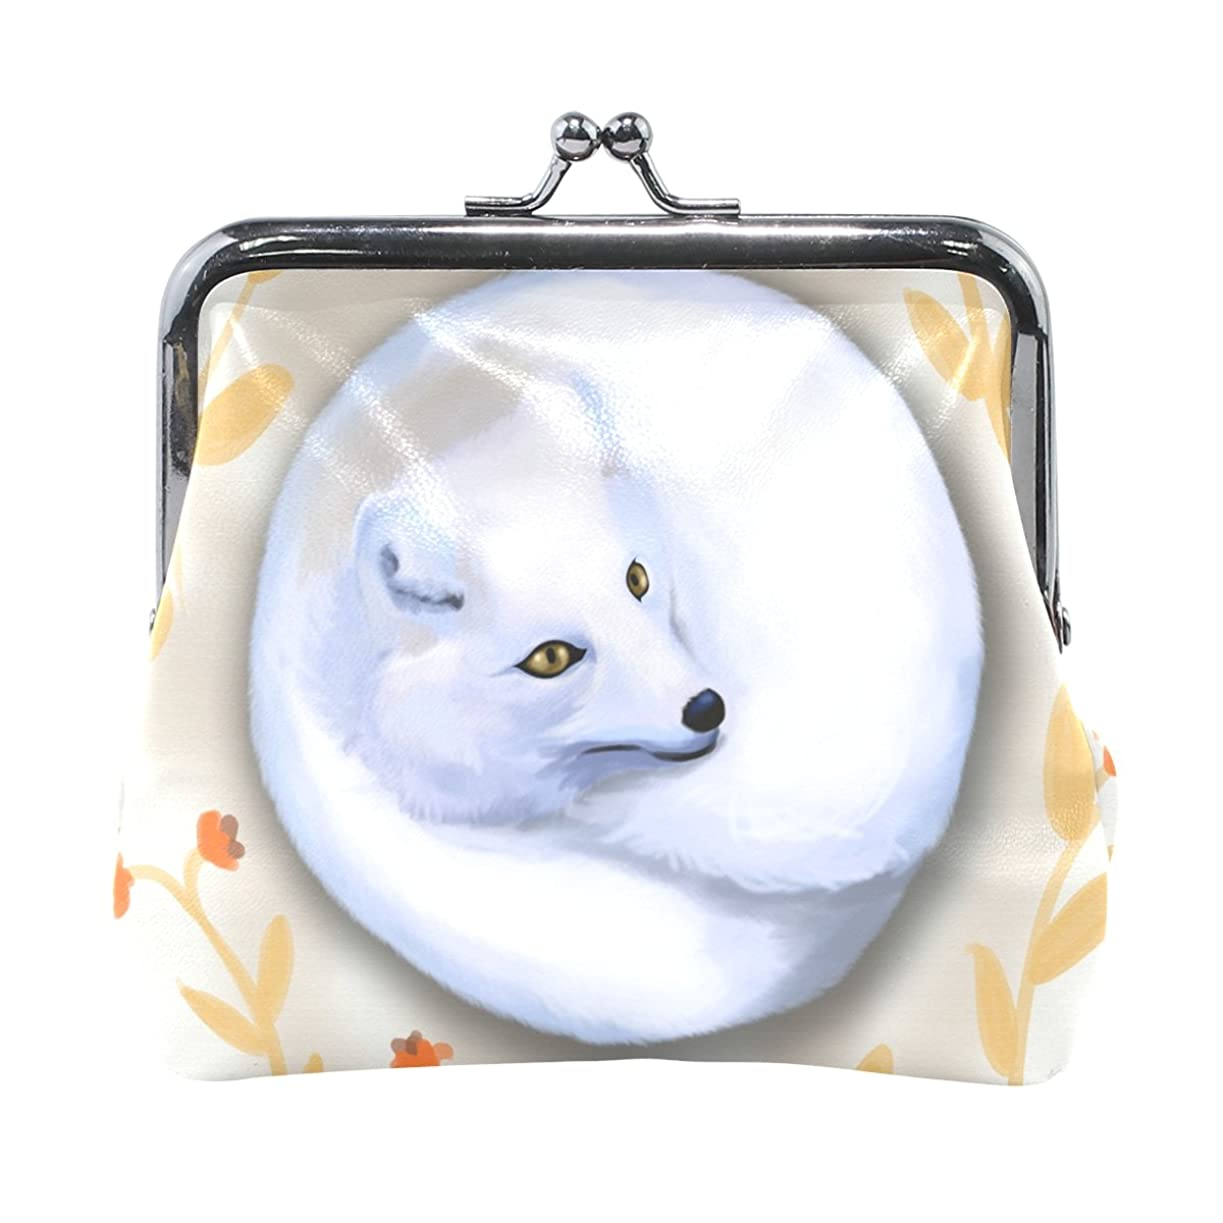 農業のめんどりリスキーなAOMOKI 財布 小銭入れ ガマ口 コインケース レディース メンズ レザー 狐 かわいい 白